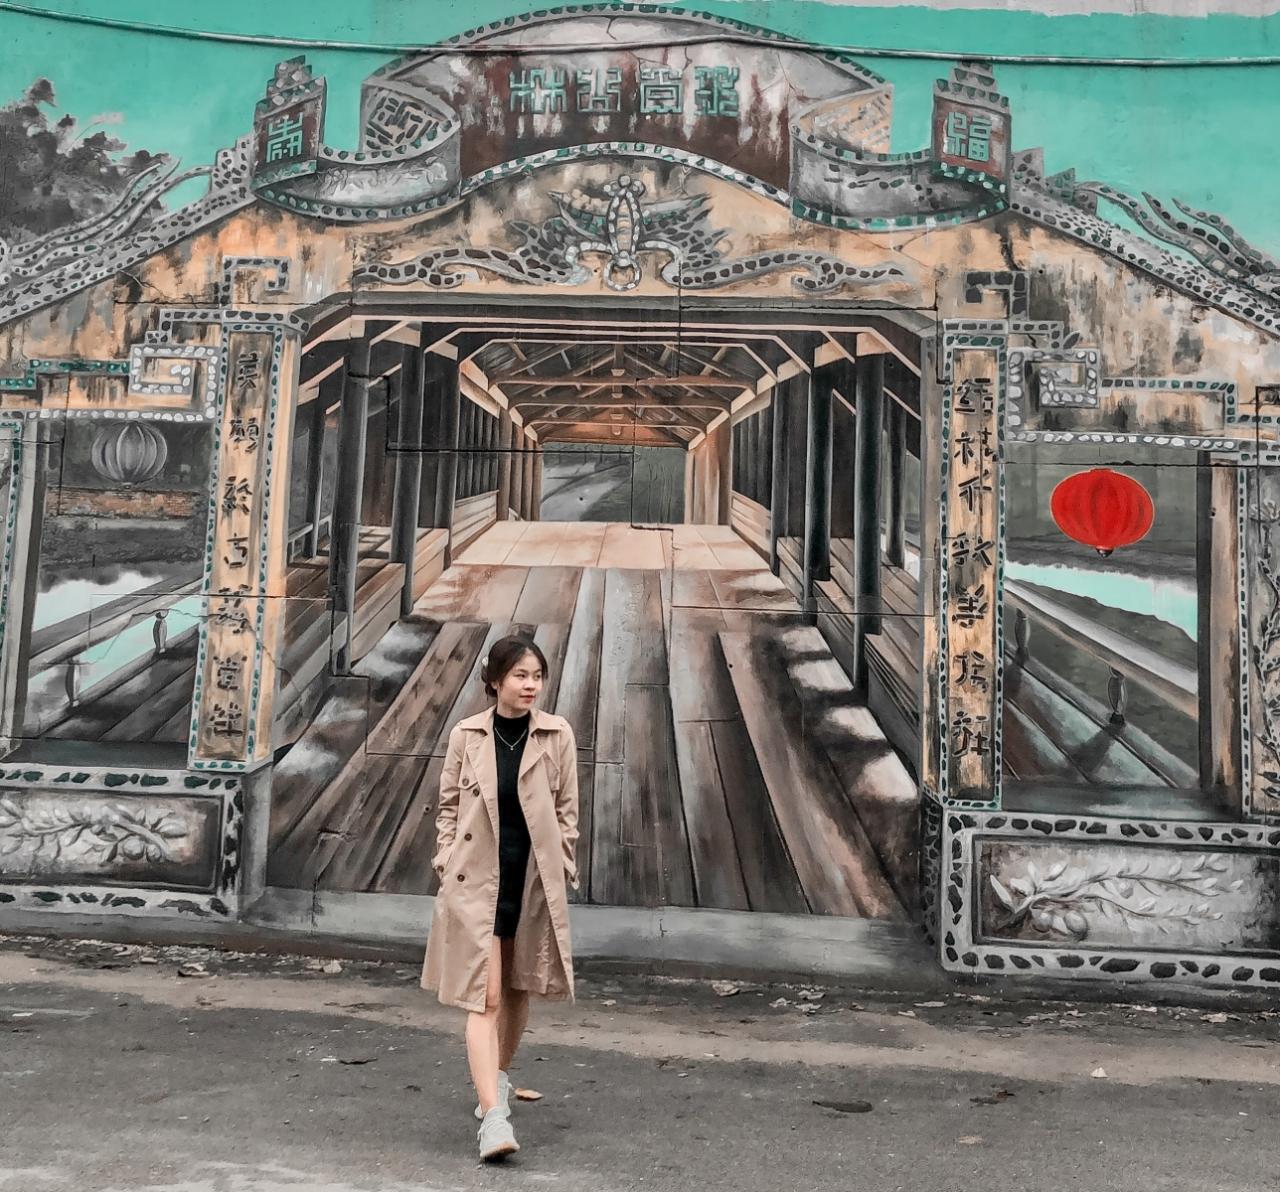 Ngắm danh lam thắng cảnh trên bích họa ở ngoại ô Huế